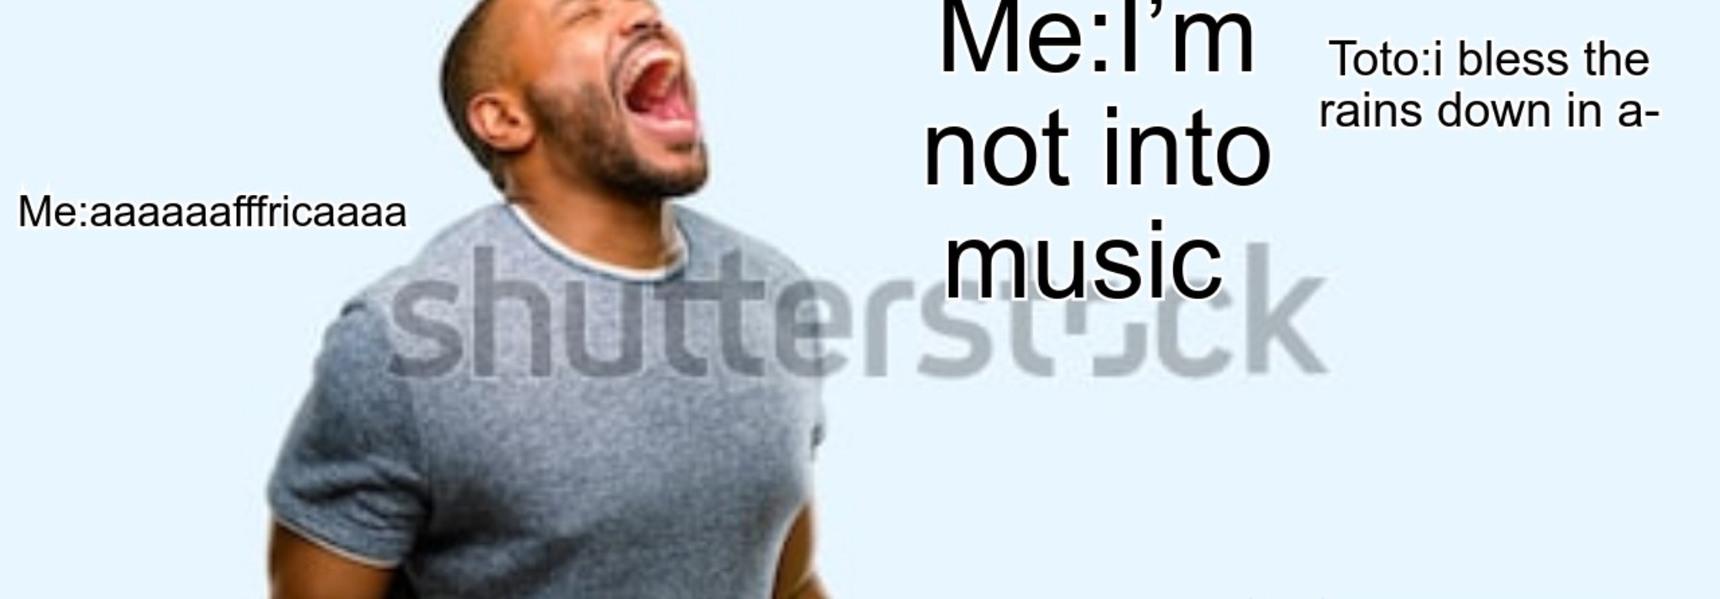 Aaaaffffrrrriiicccaaaa - meme